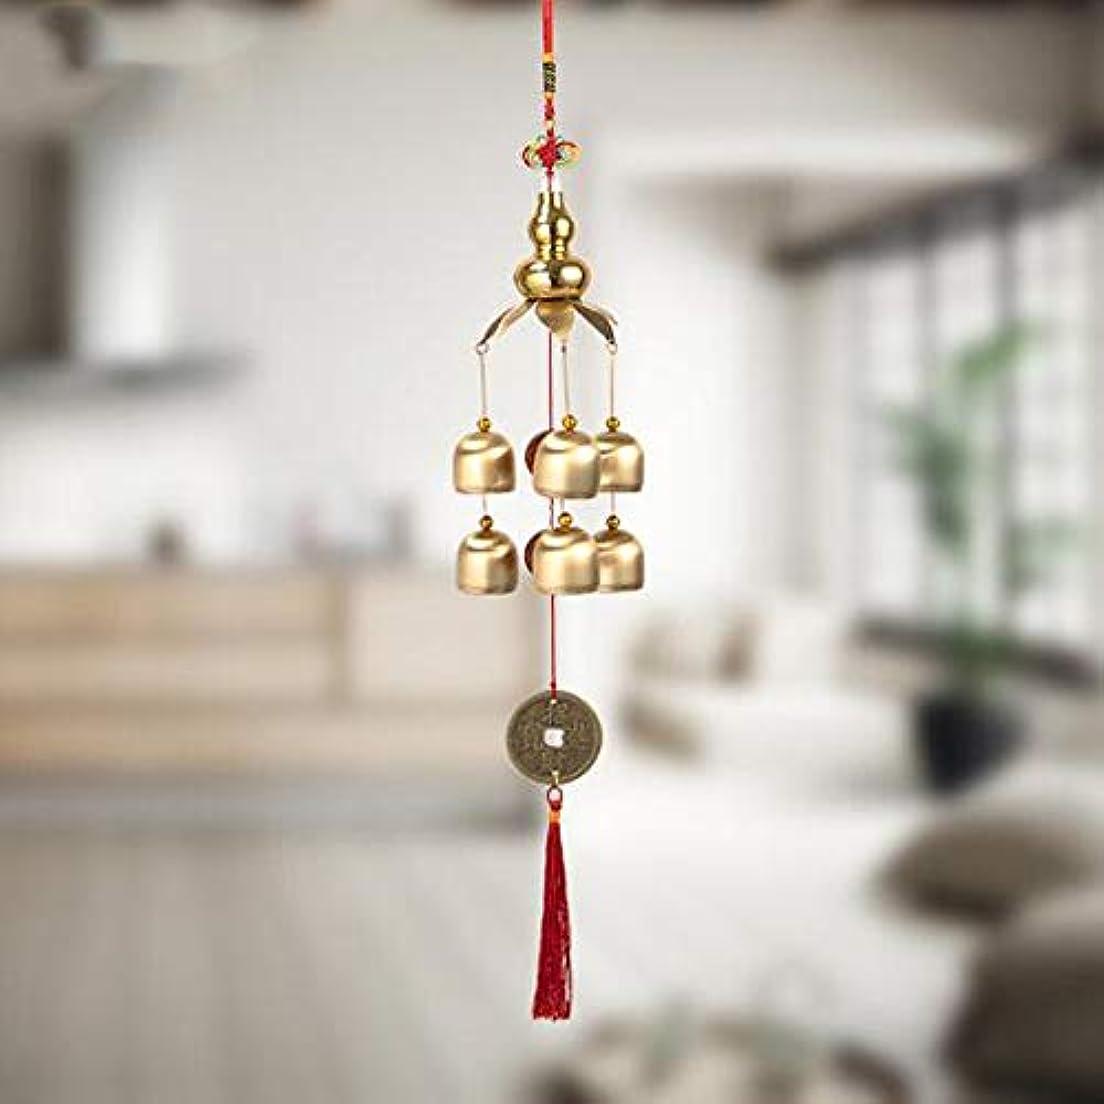 バルク戦闘静かなJingfengtongxun 風チャイム、クリエイティブ?銅ひょうたんホームデコレーション風チャイム、ゴールド、約45CMの長さの合計,スタイリッシュなホリデーギフト (Color : B)